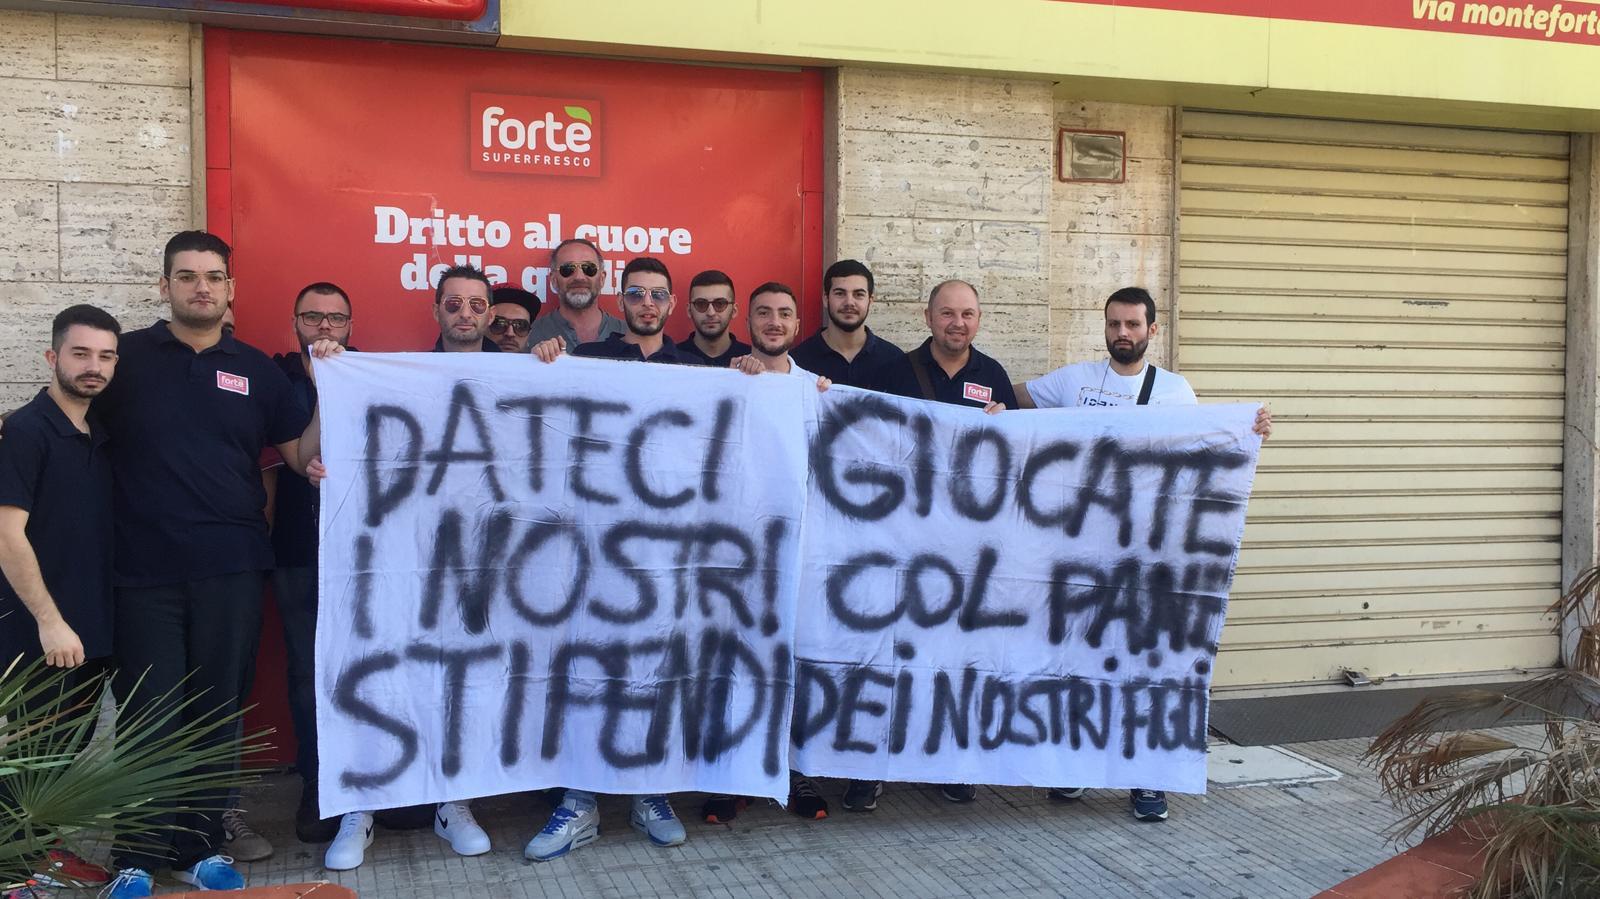 Niente stipendi, sciopero nei punti vendita Fortè di Siracusa, Noto, Pachino e Canicattini